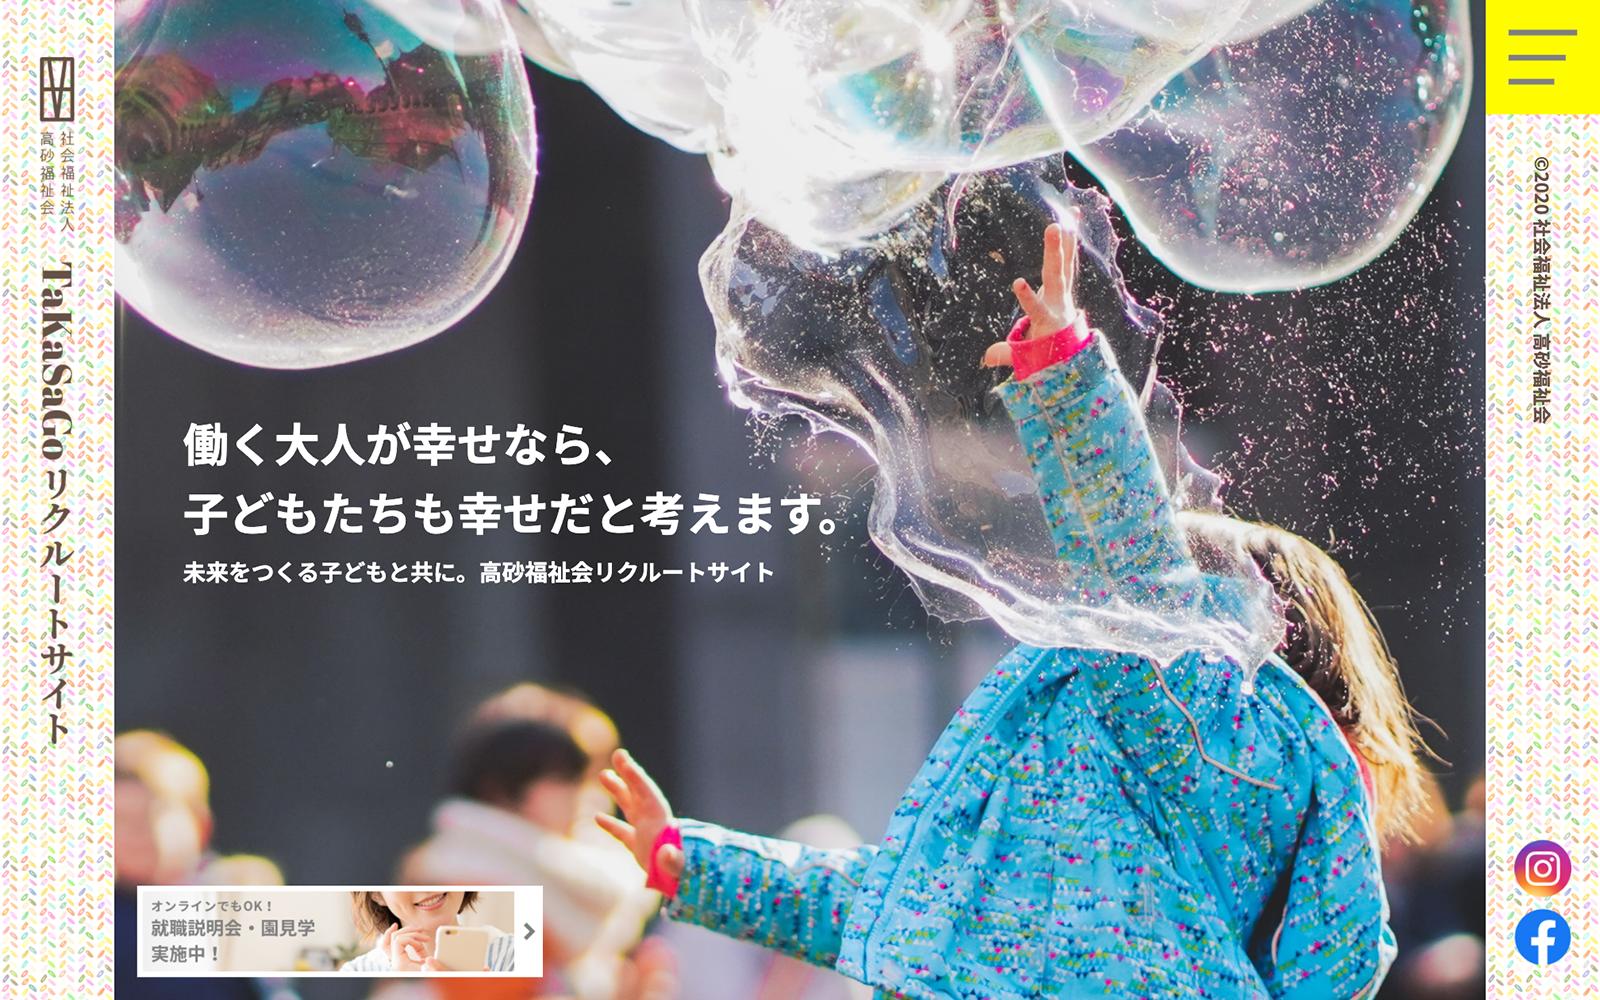 社会福祉法人 高砂福祉会「TaKaSaGoリクルートサイト」